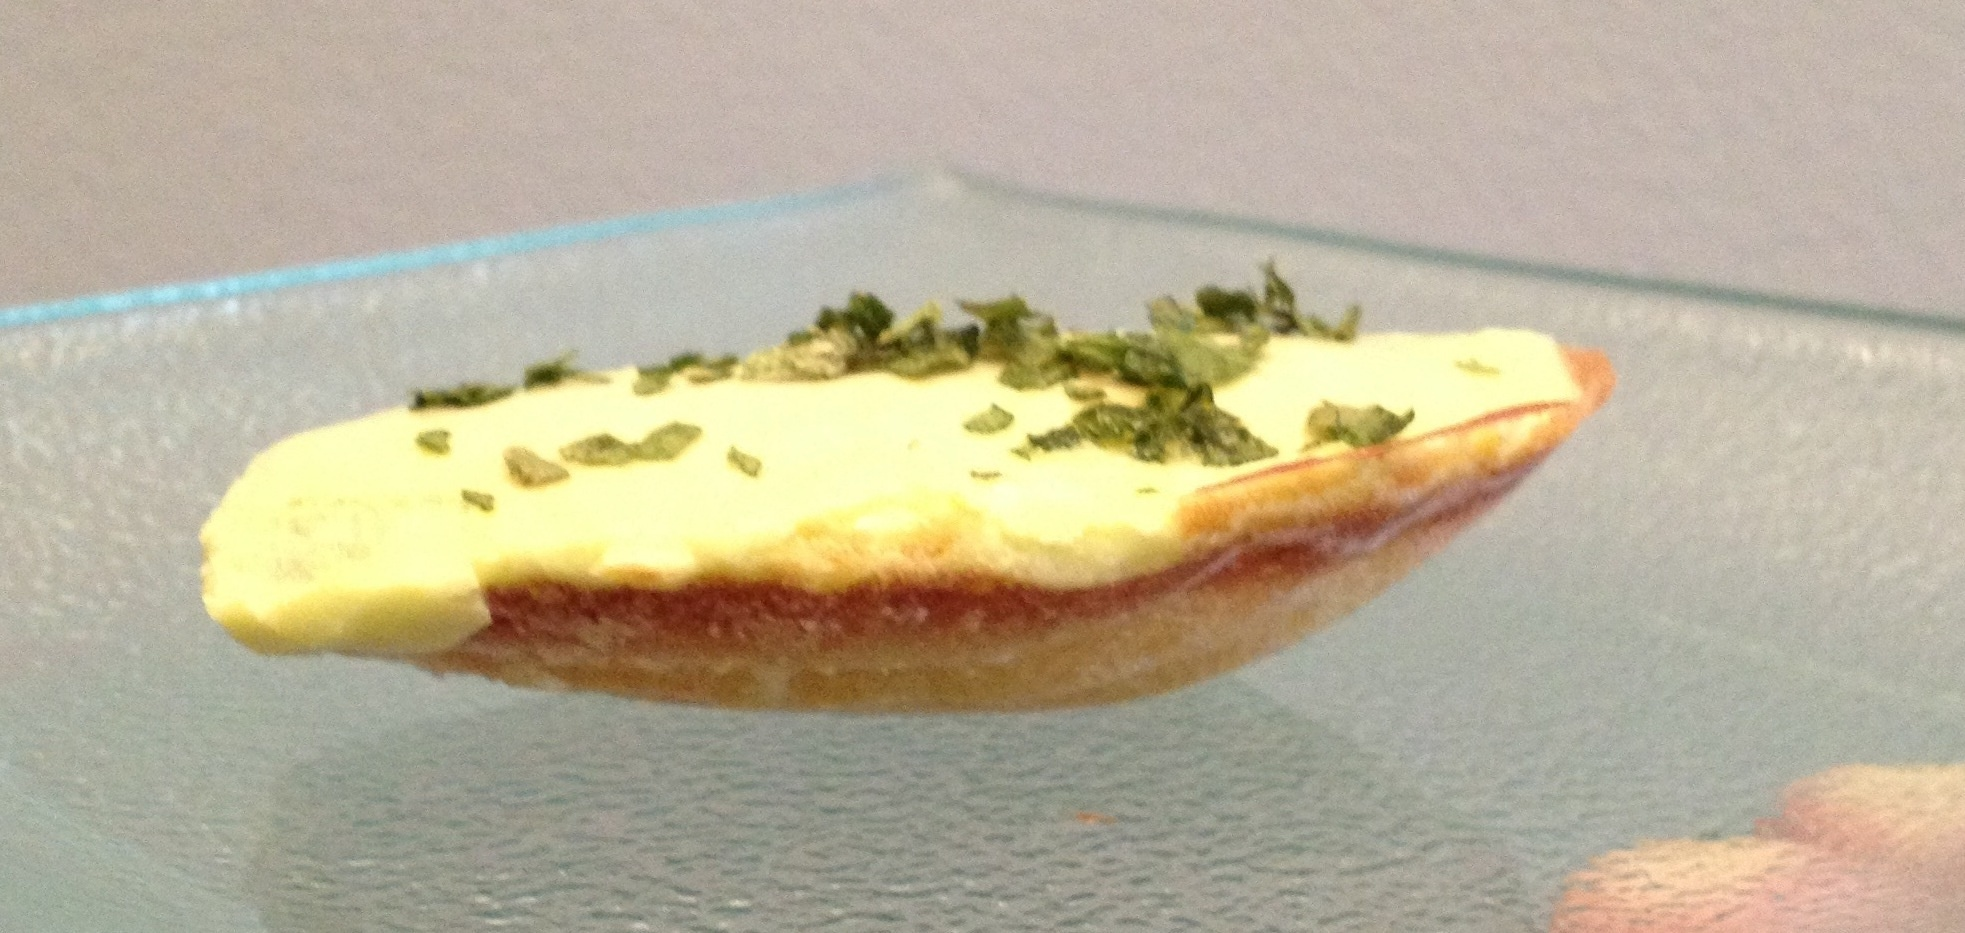 Le dessert de Magdeleine prêt à être dégusté